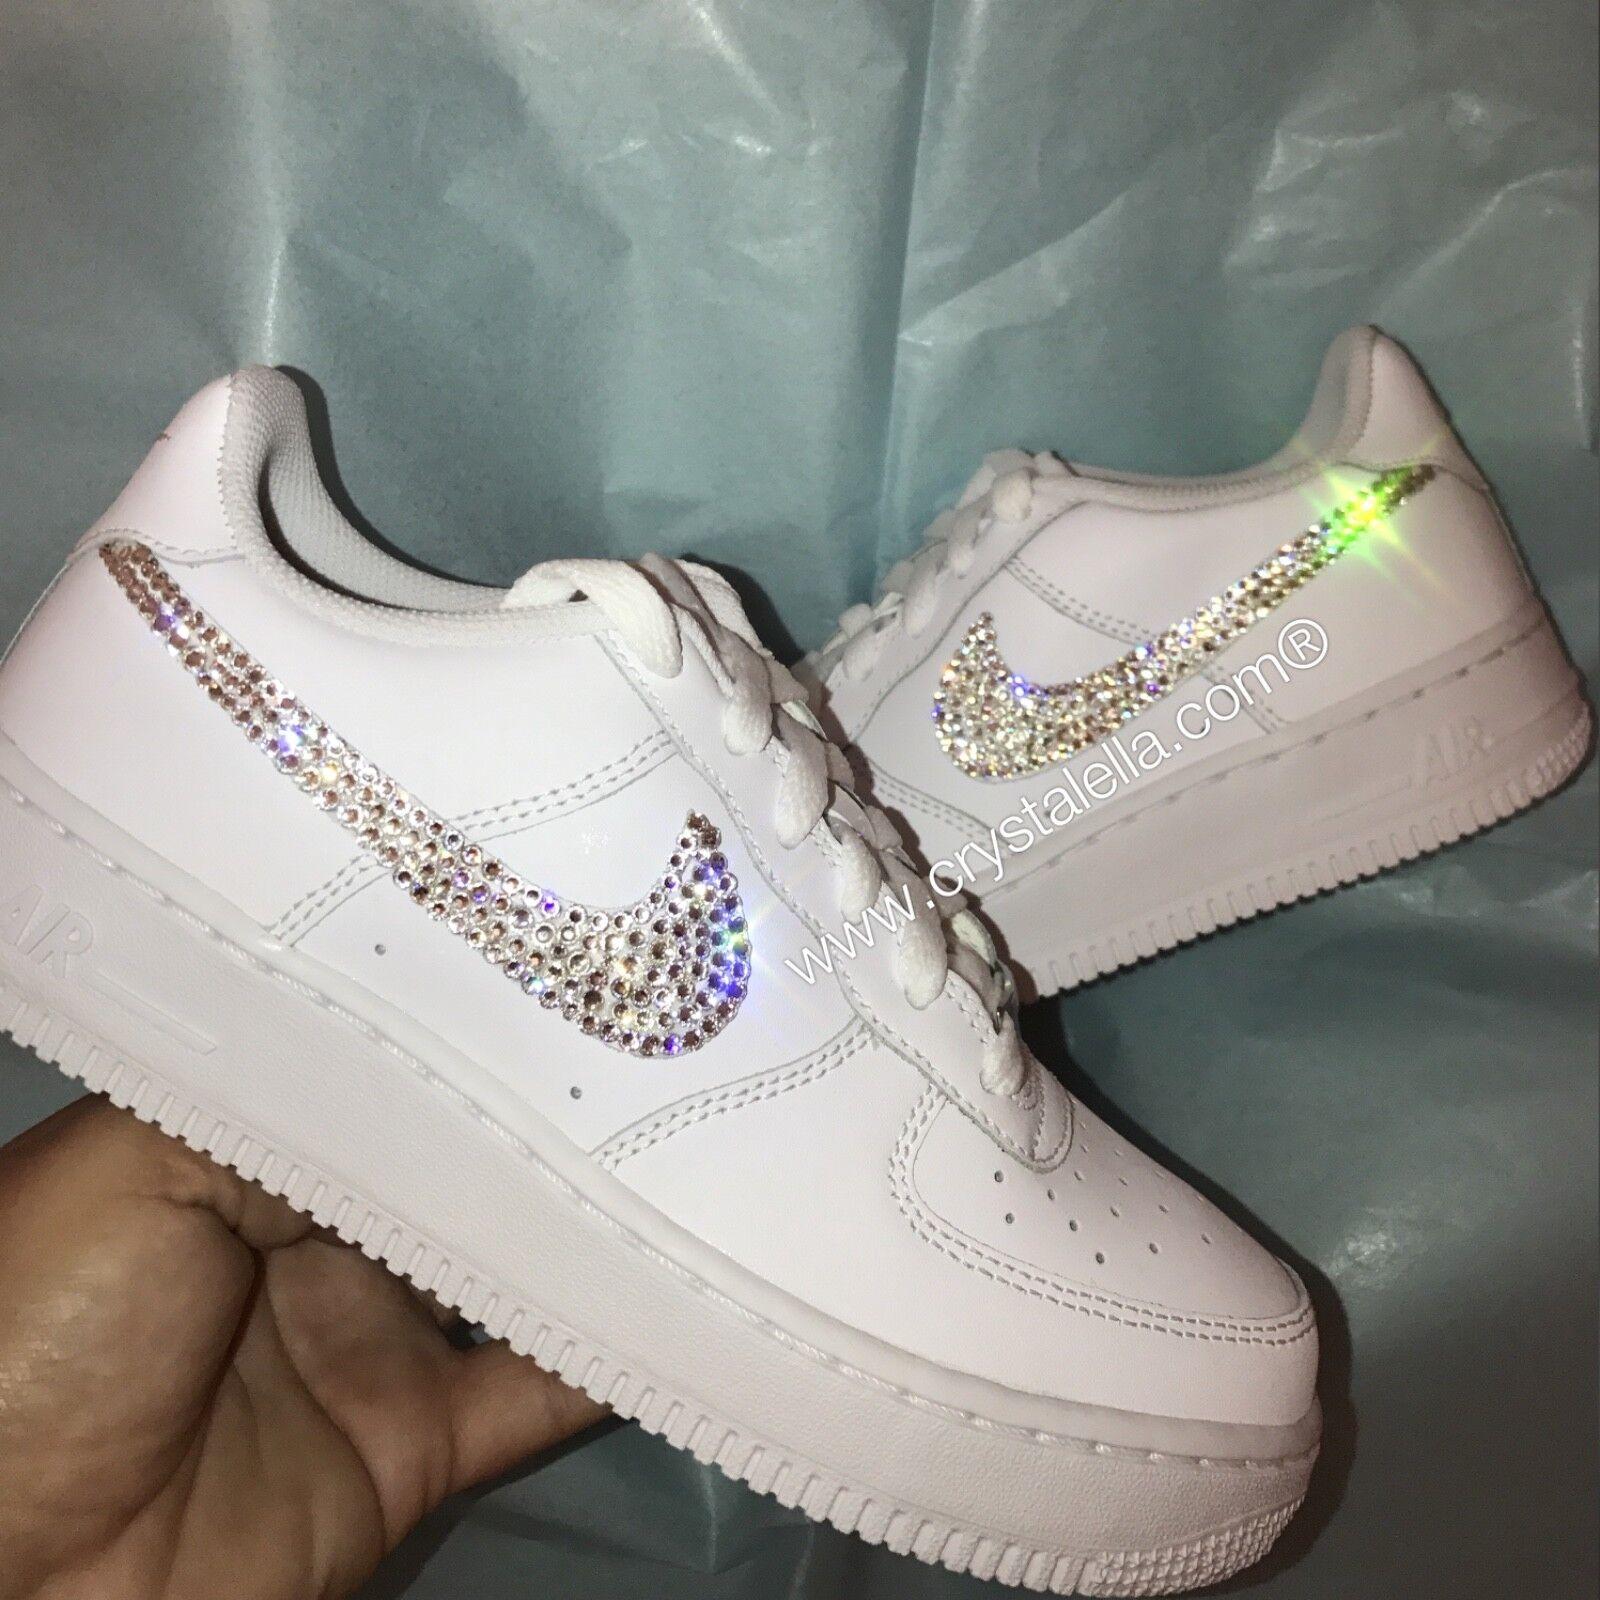 Nike Air Force 1 bajas con Swarovski cristalizado cristalizado cristalizado Nike Garrapatas Zapatillas Nuevo  solo cómpralo